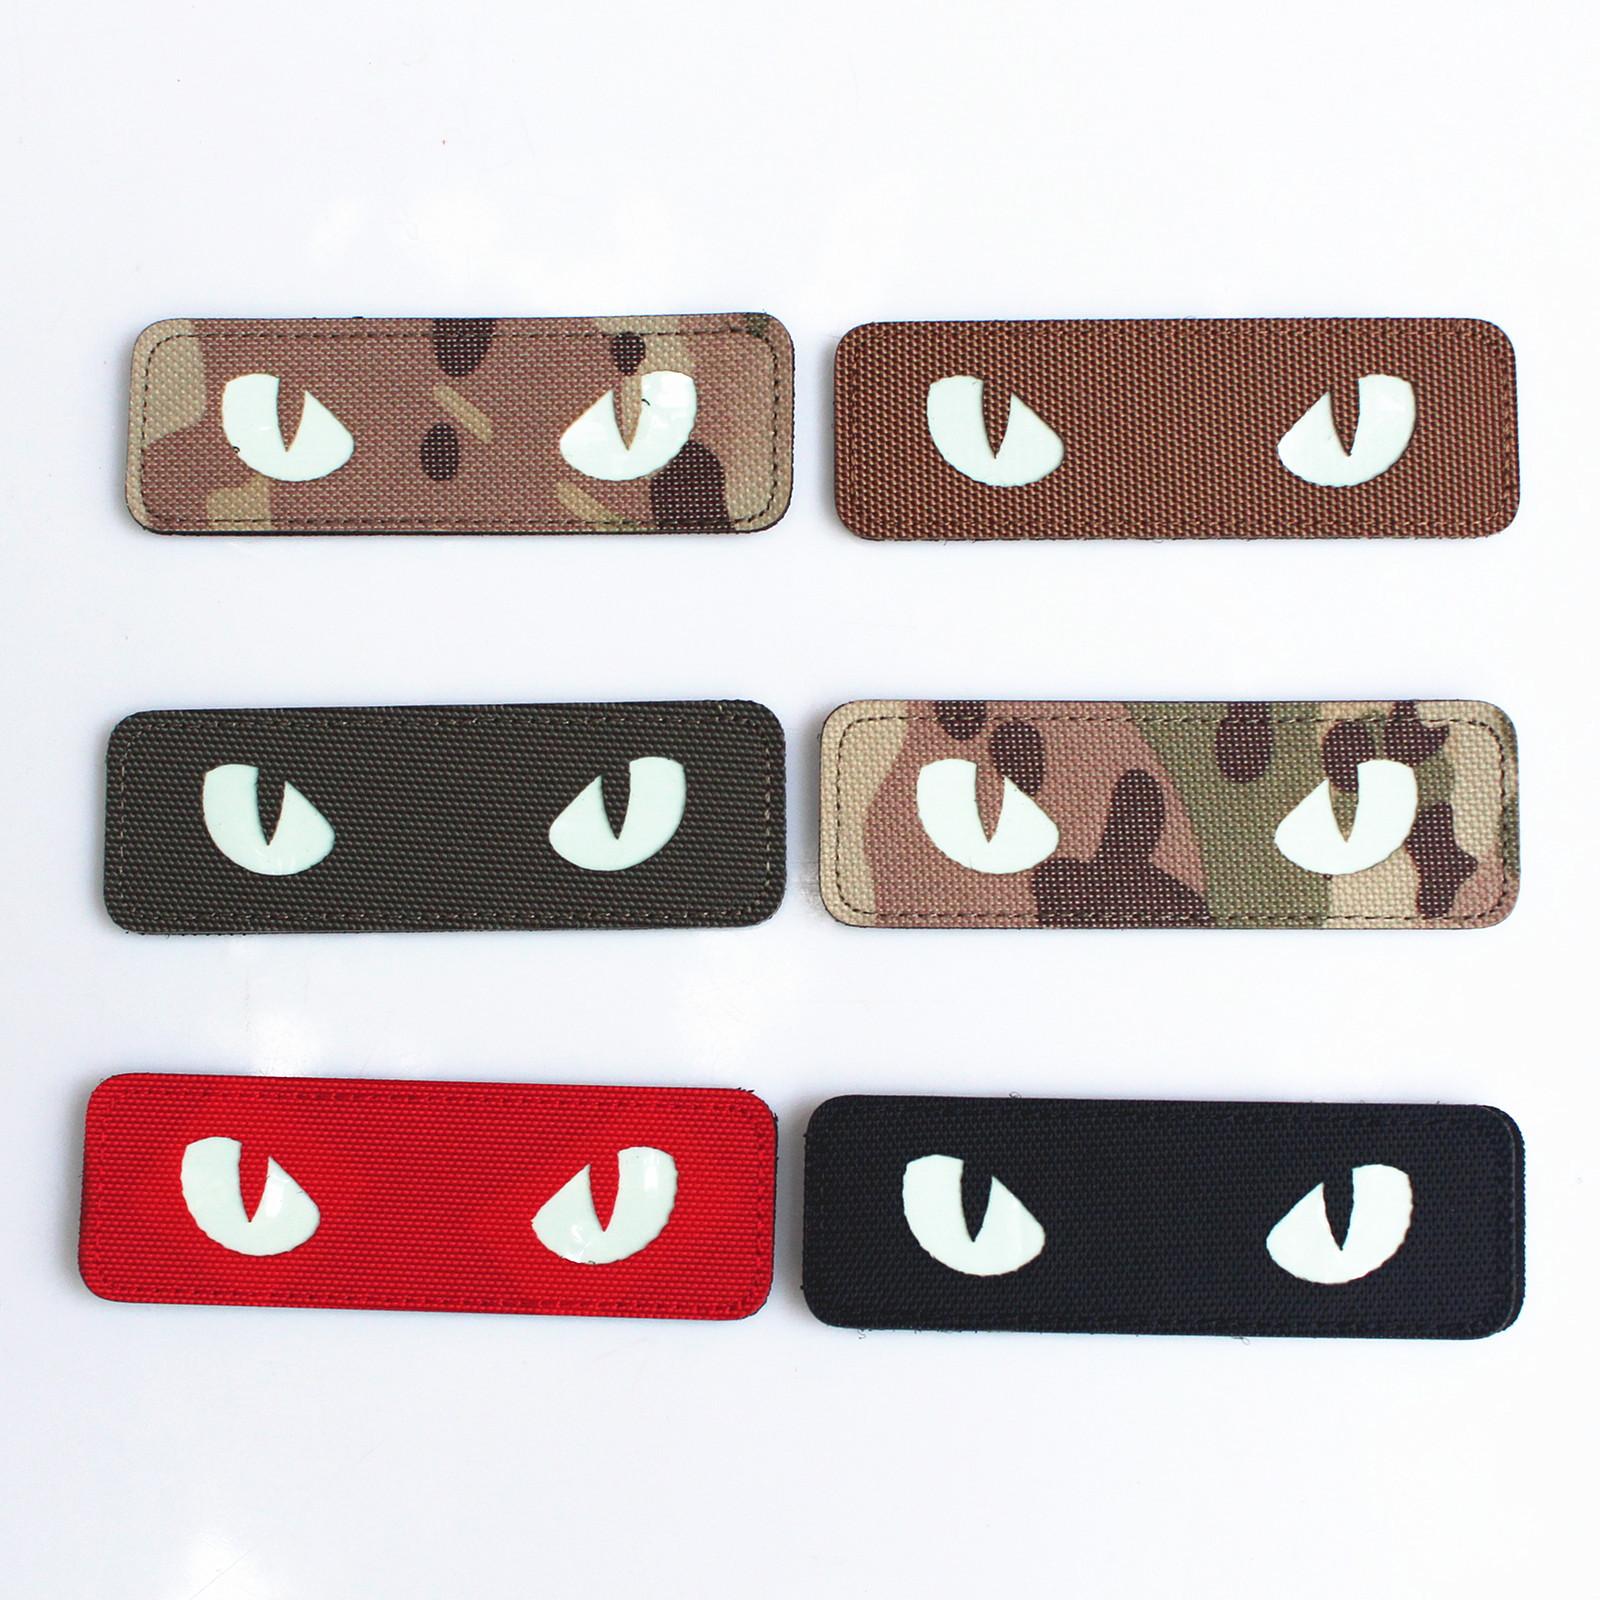 Luminous Velcro Cat's Eye Patch for Backpacks